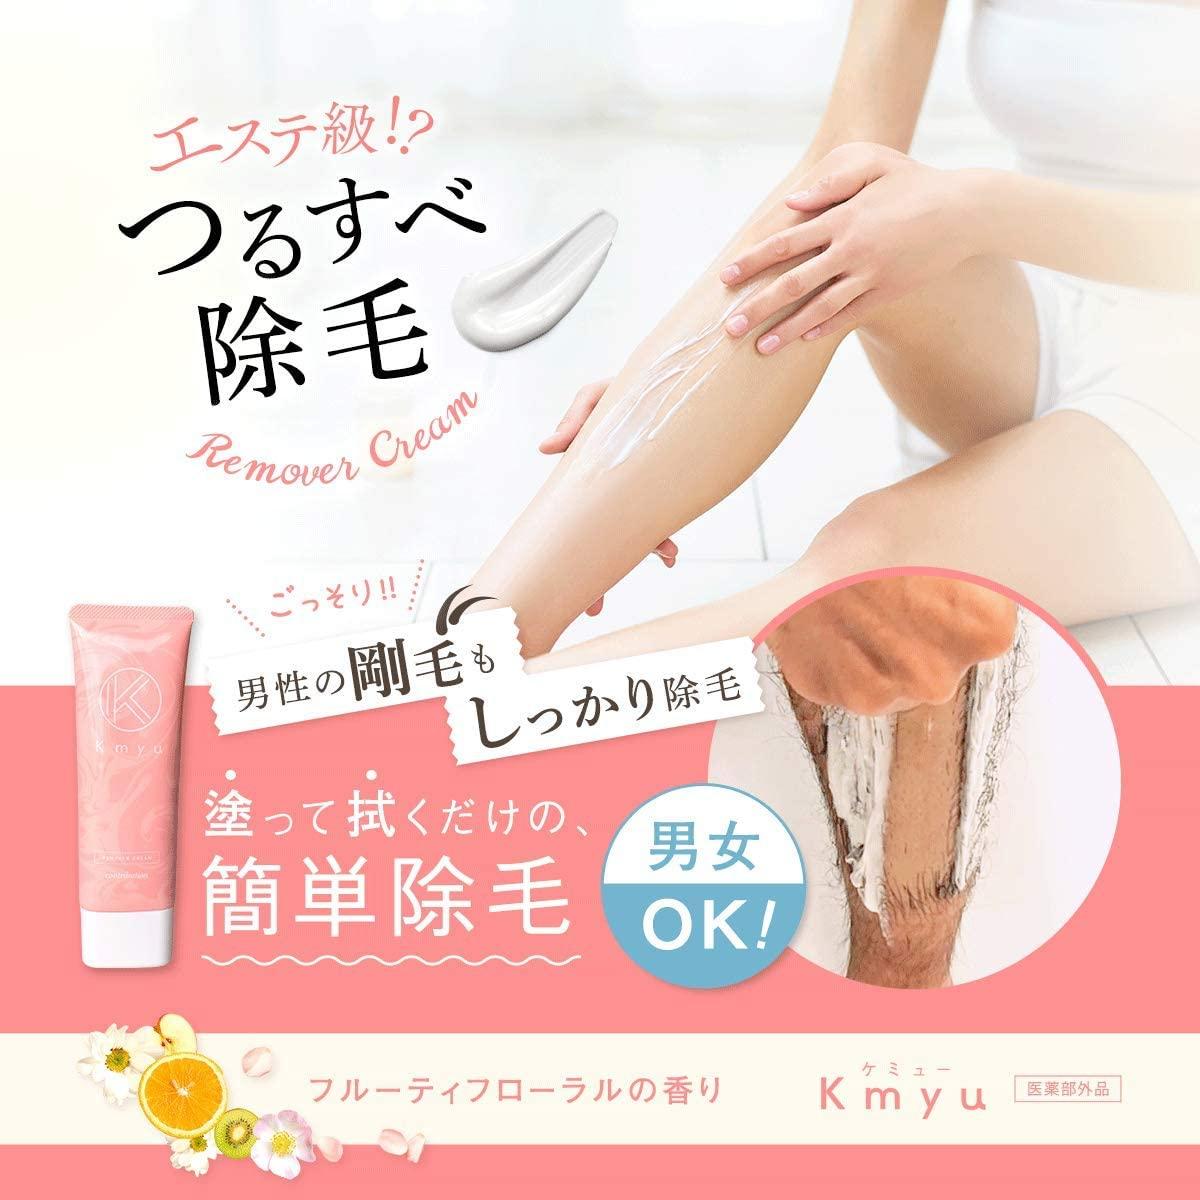 CONTRIBUTION(コントリビューション)Kmyuの商品画像2